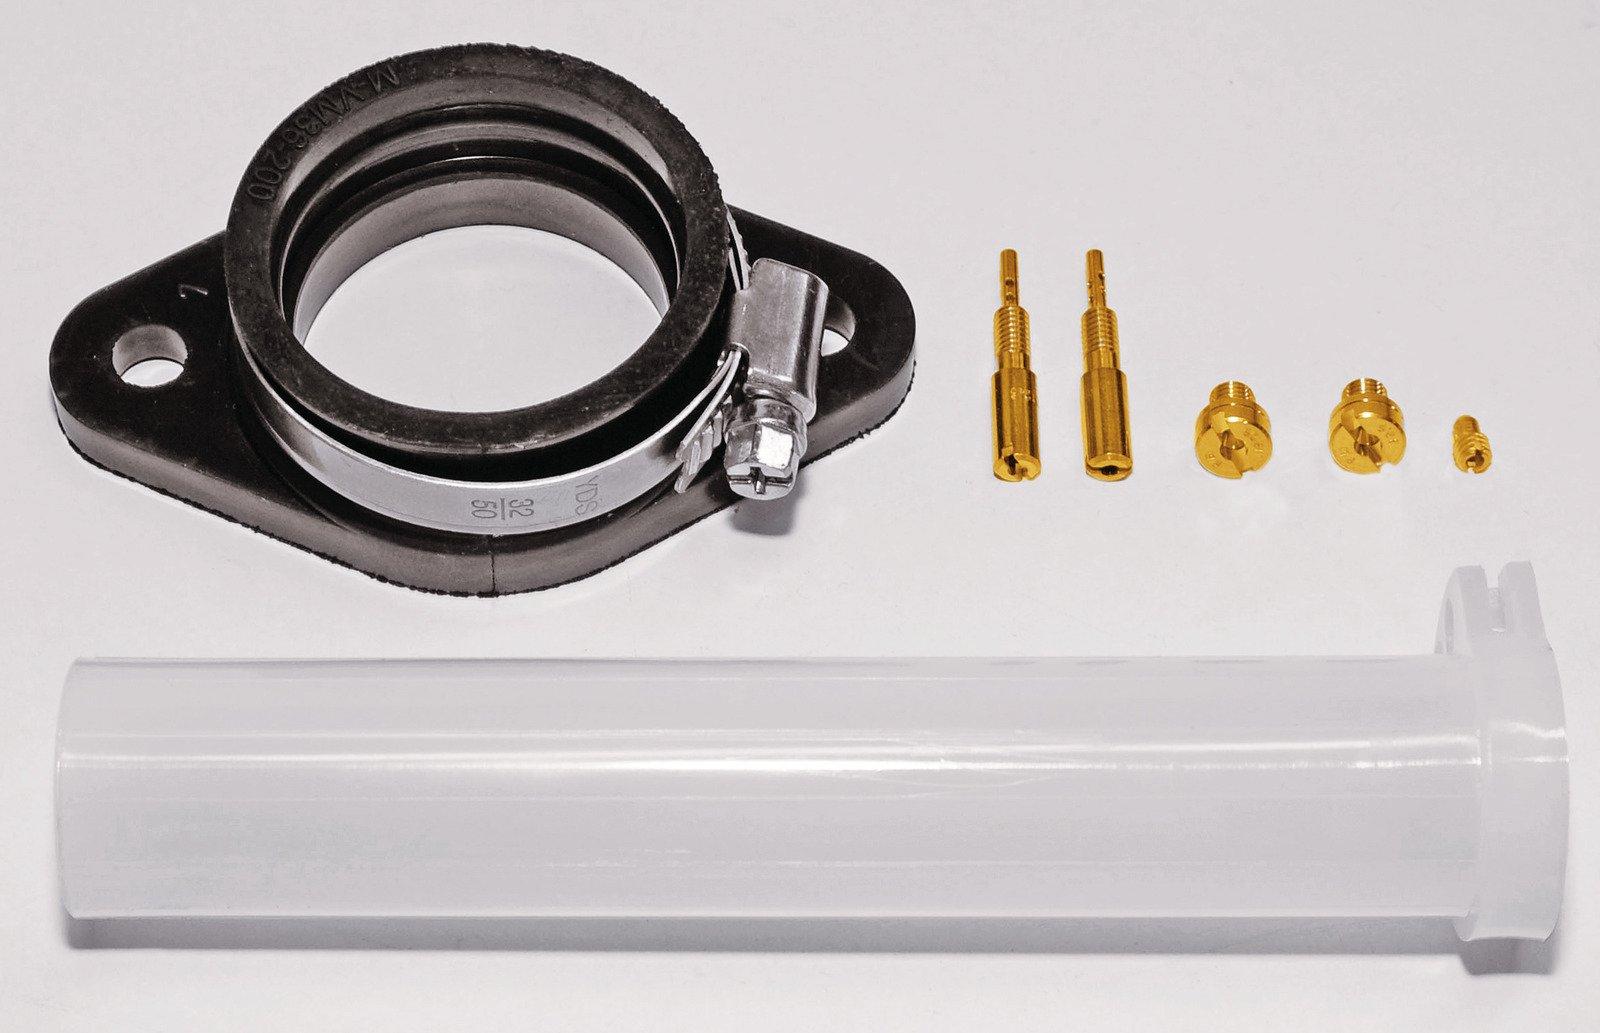 TM36 Rejetting & Mounting Kit w/ Throttle Tube  For SR500 33142